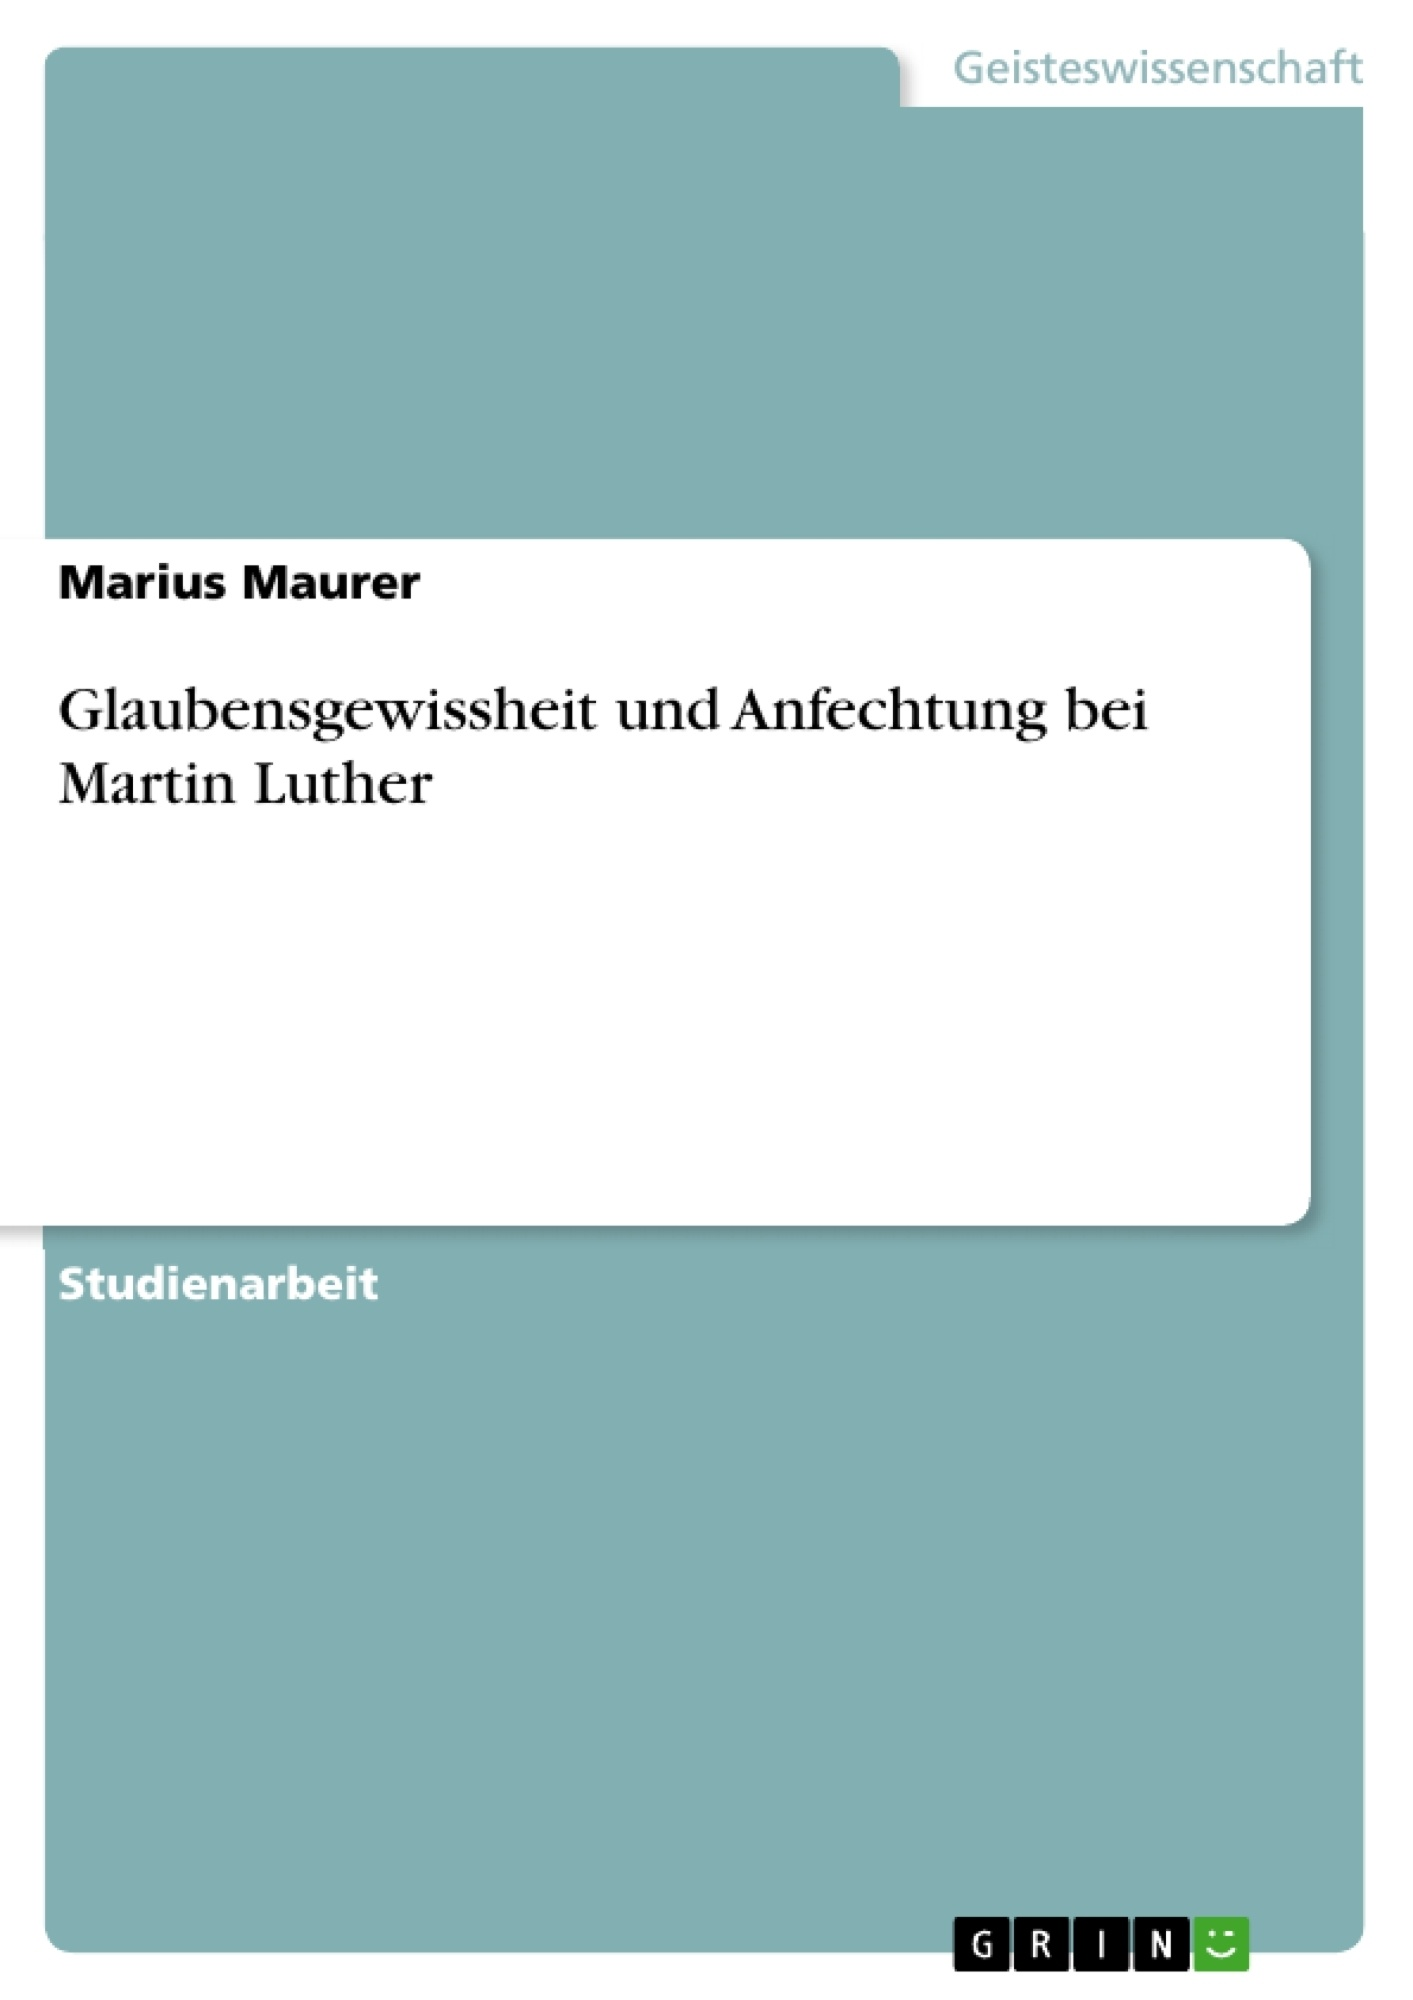 Titel: Glaubensgewissheit und Anfechtung bei Martin Luther